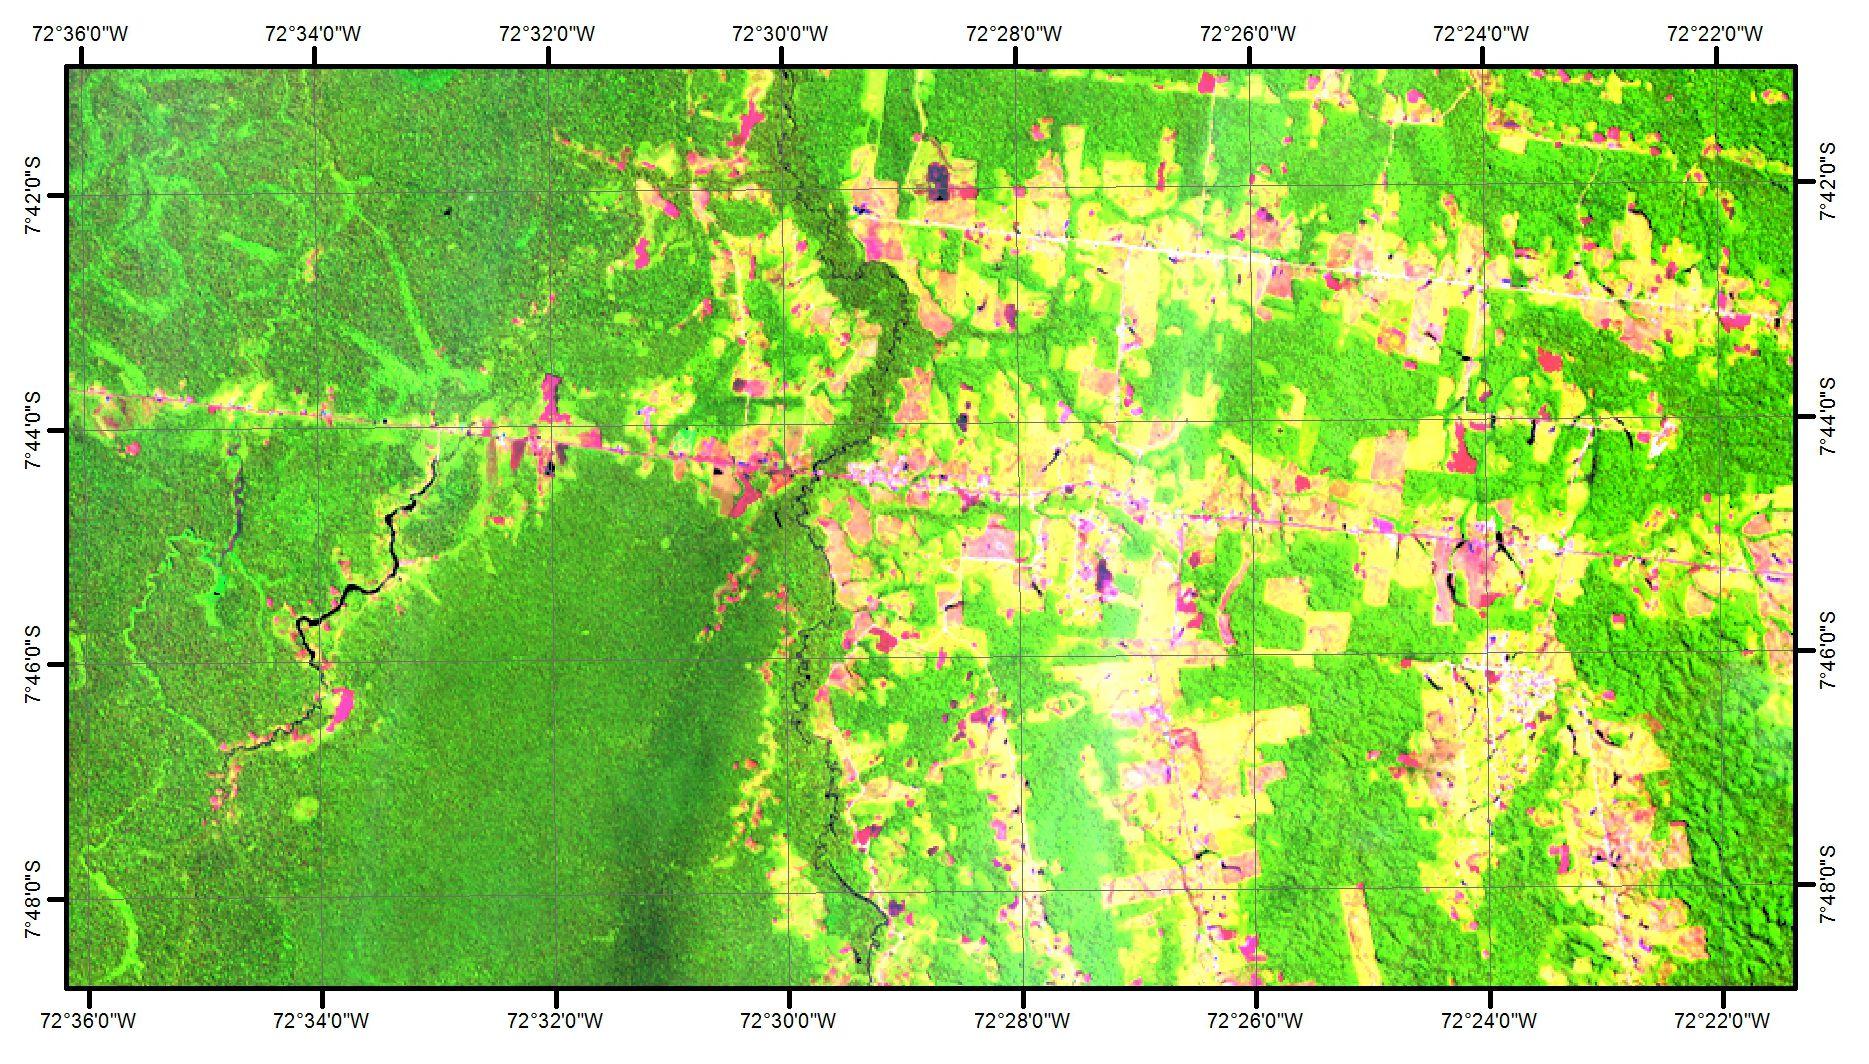 Imagem de Satélite - Setor Norte dos assentamentos Jamil Jeiressati e Santa Luzia (Cruzeiro do Sul/AC). Características distintas dos solos da região favorecem diferentes estratégias de manejo na agricultura